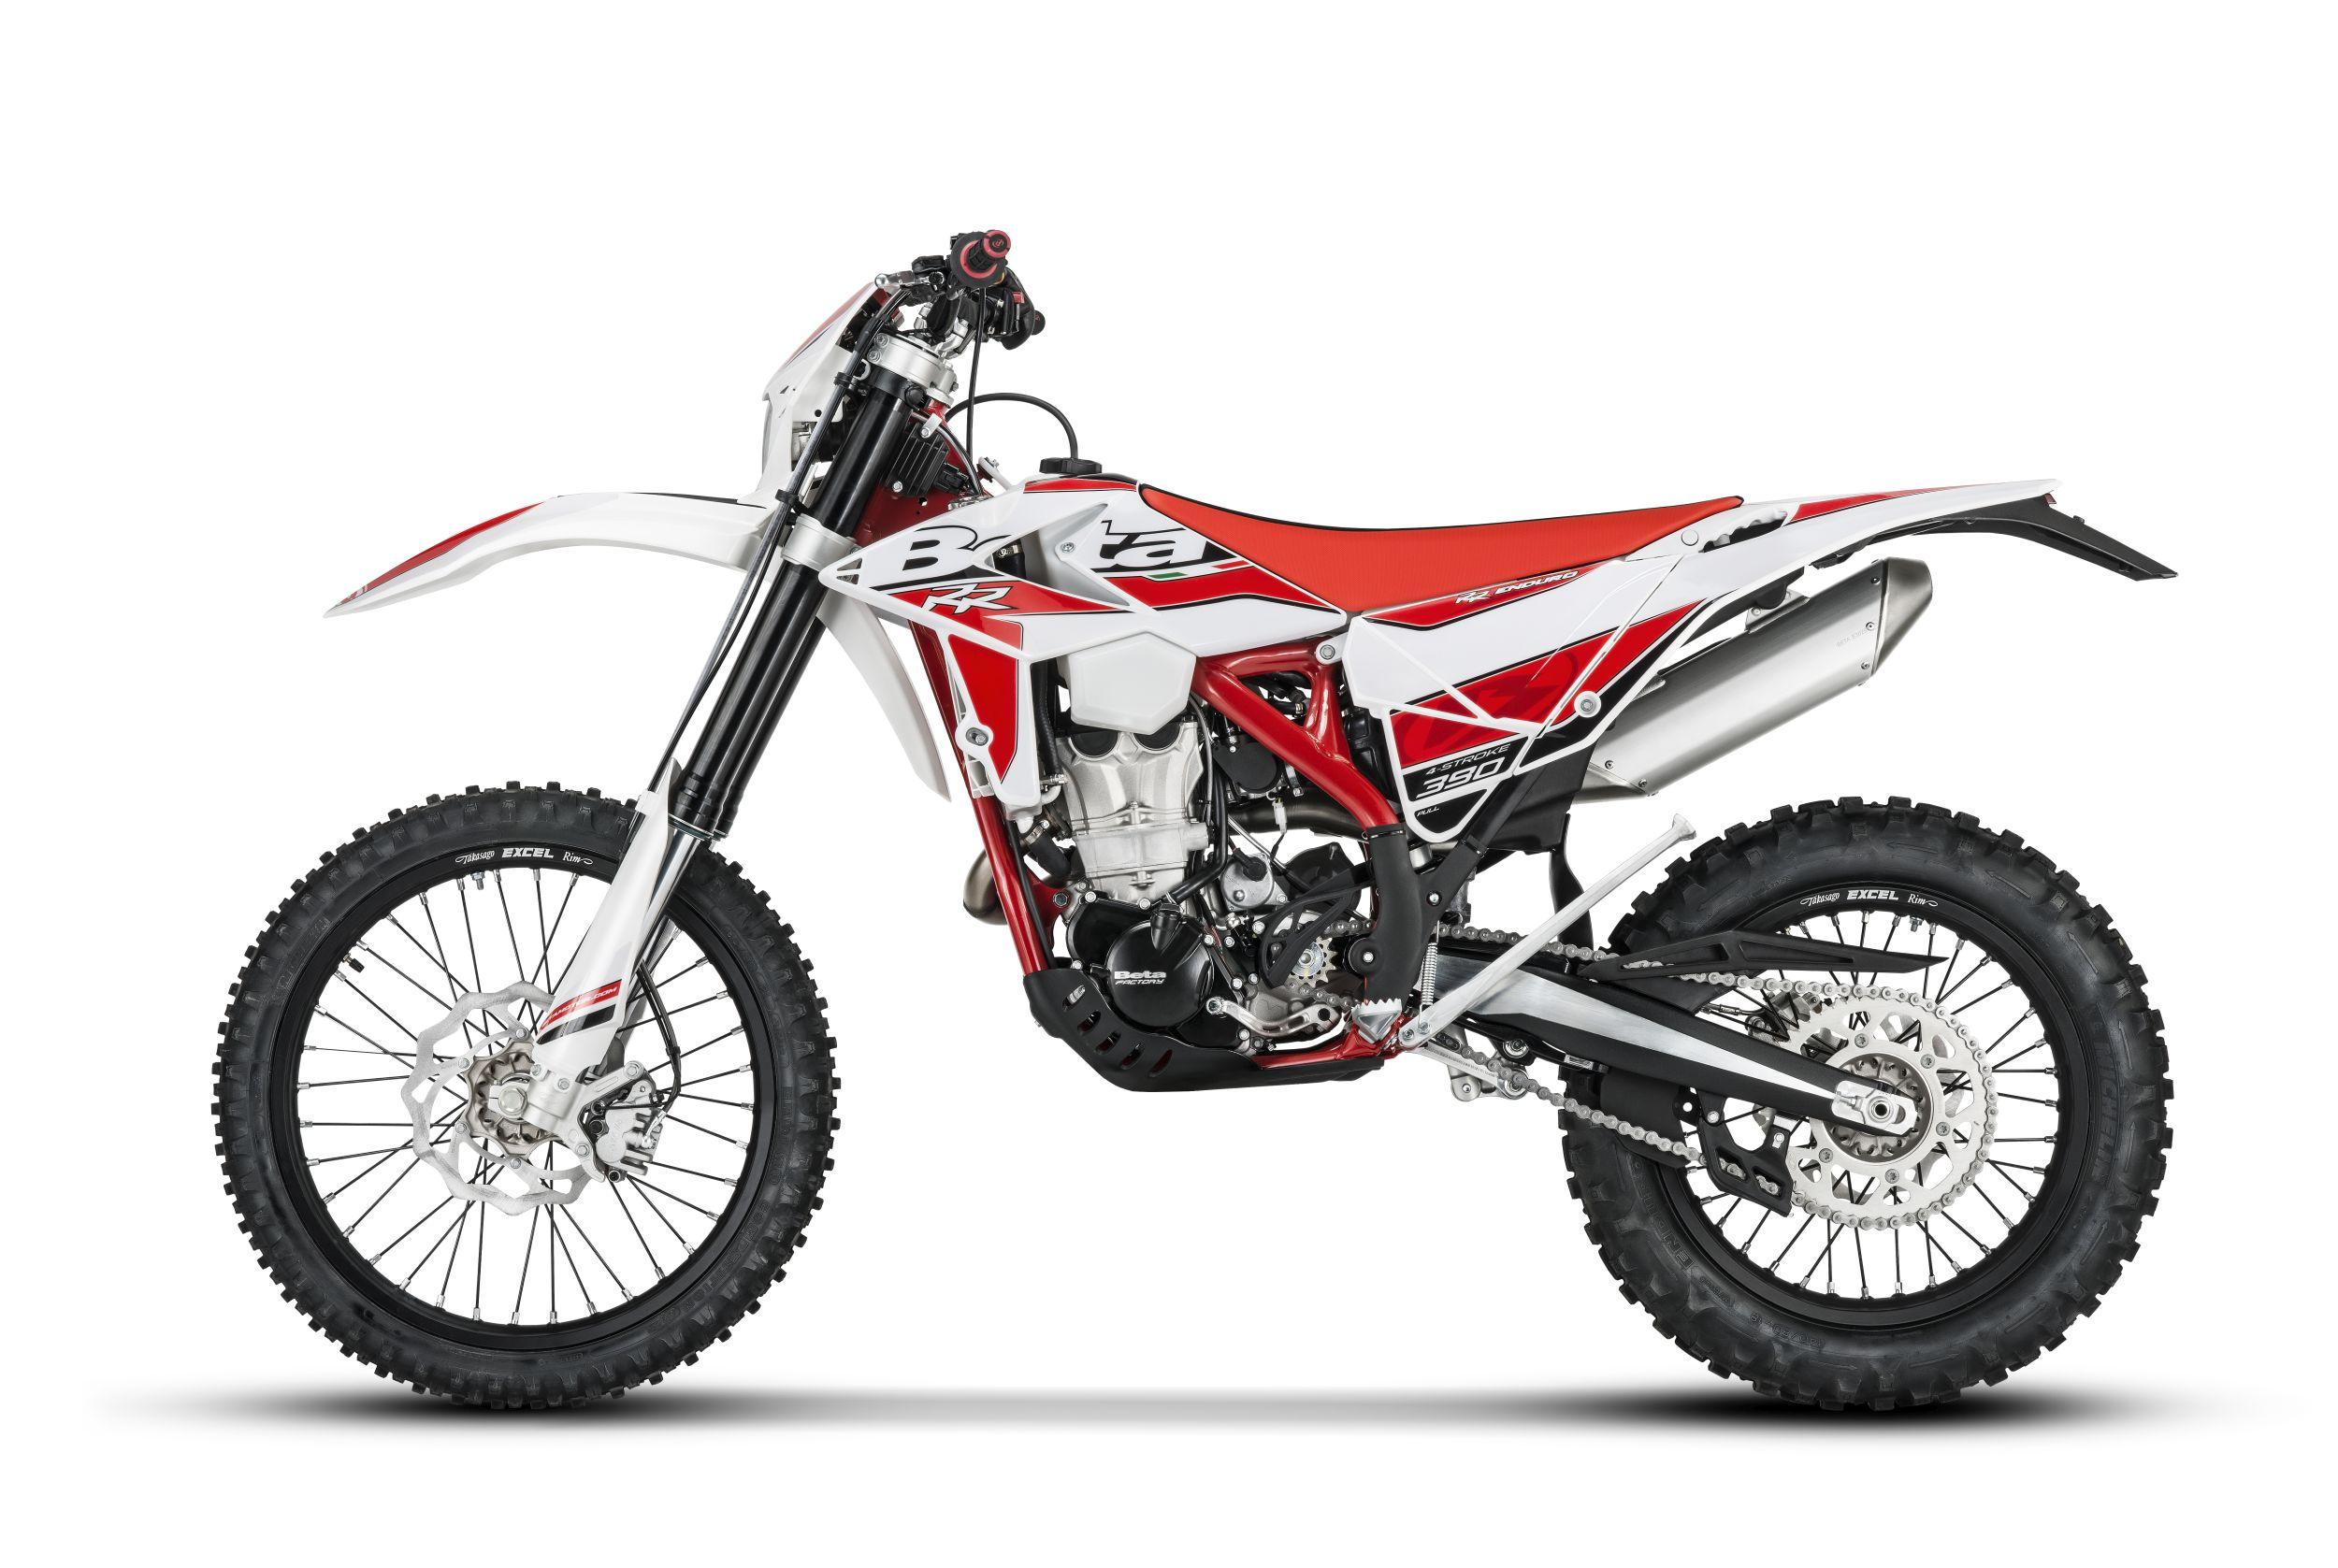 Gebrauchte Und Neue Beta Rr 390 Motorrader Kaufen